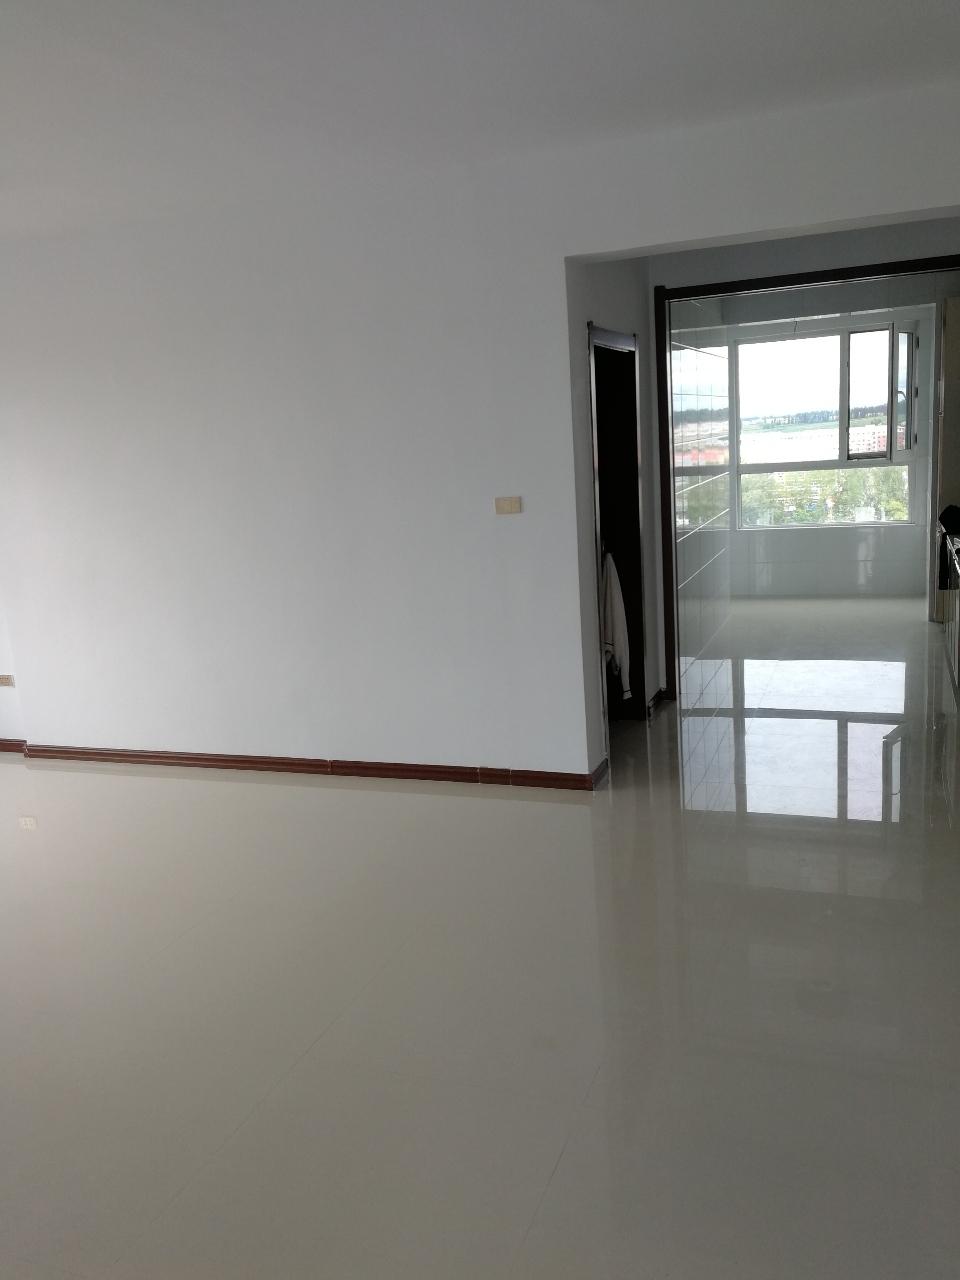 驪馬精城校區高層3室 1廳 1衛26.5萬元